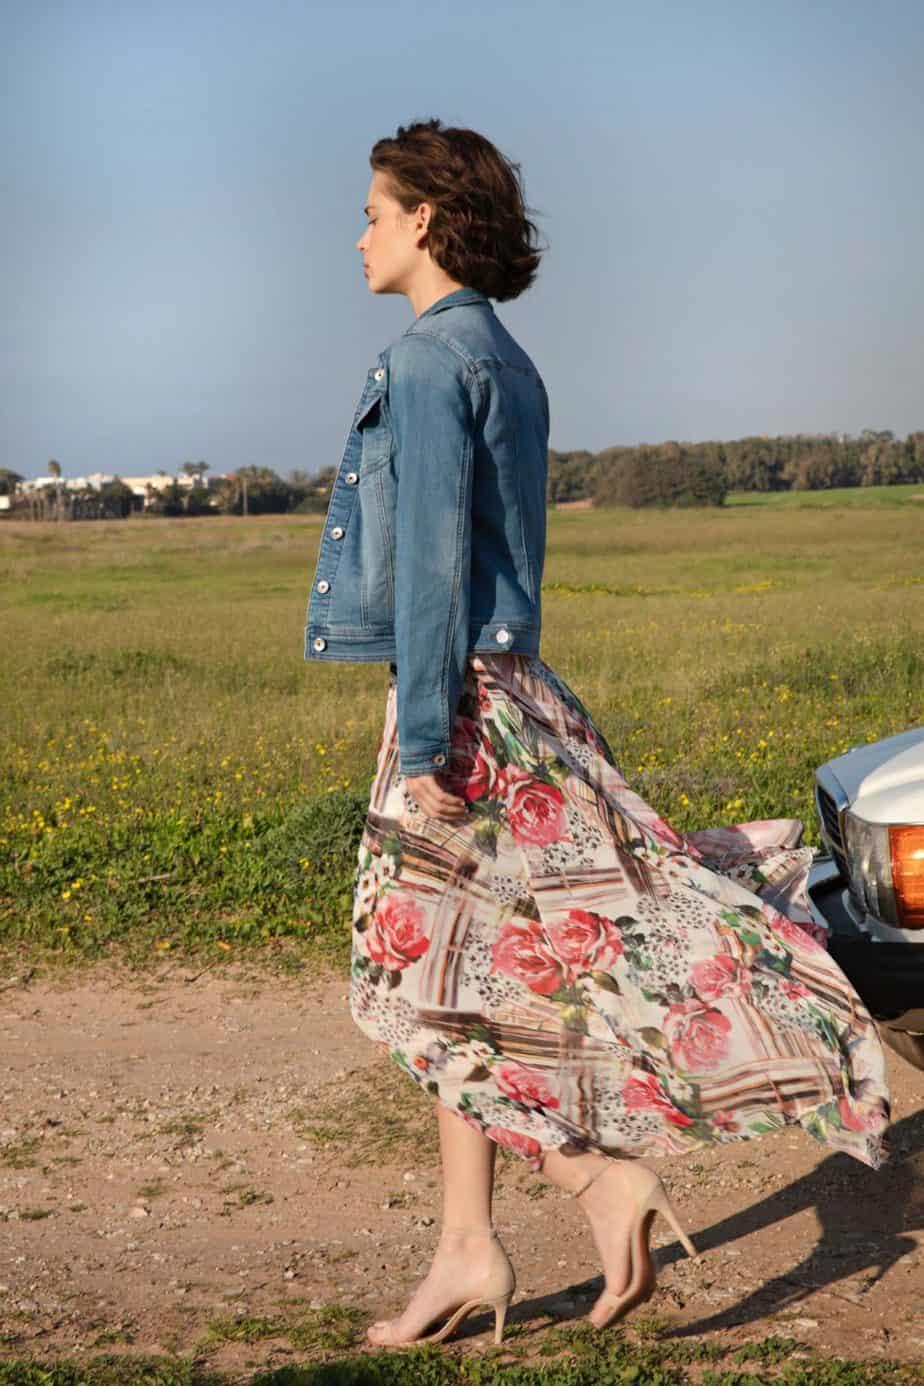 אסתי גינזבורג, גולברי שמלה_399.90_ג'קט_249.90_(1)צילום יניב אדרי (Custom)